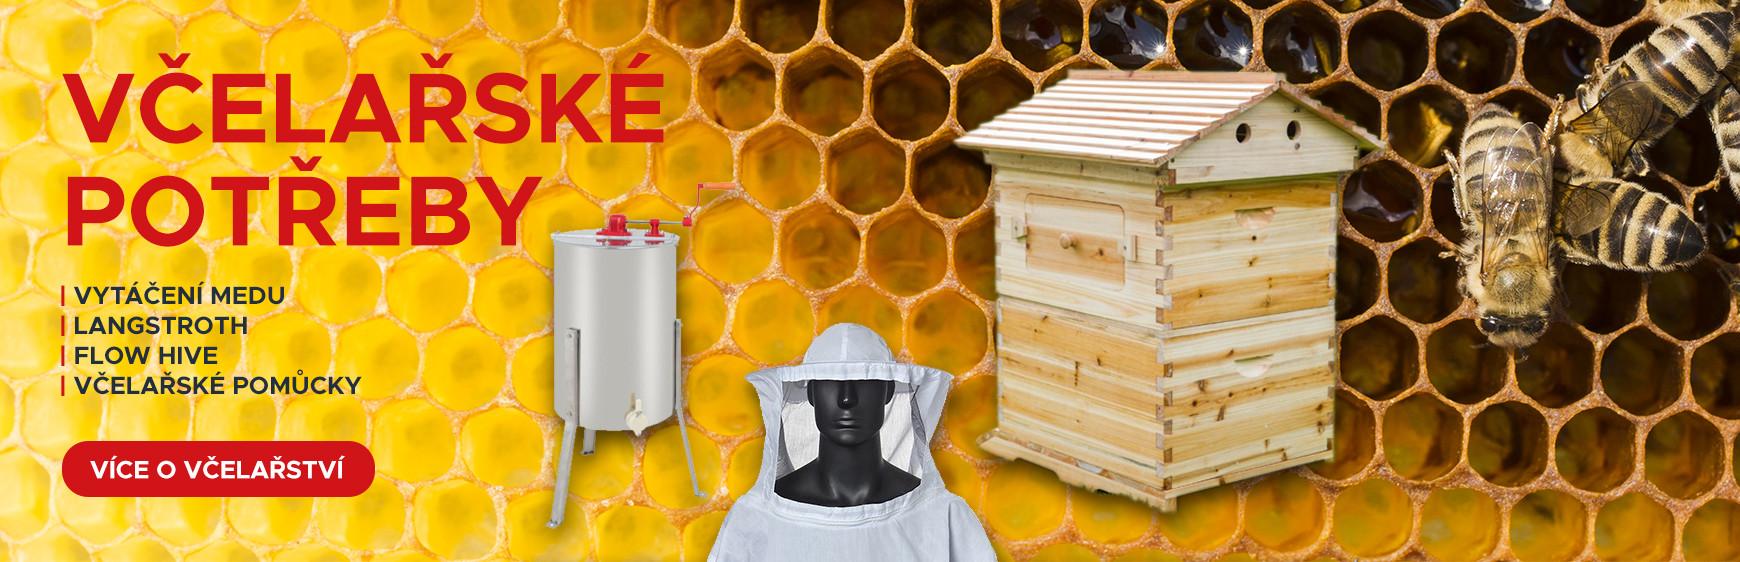 Akcesoria pszczelarskie